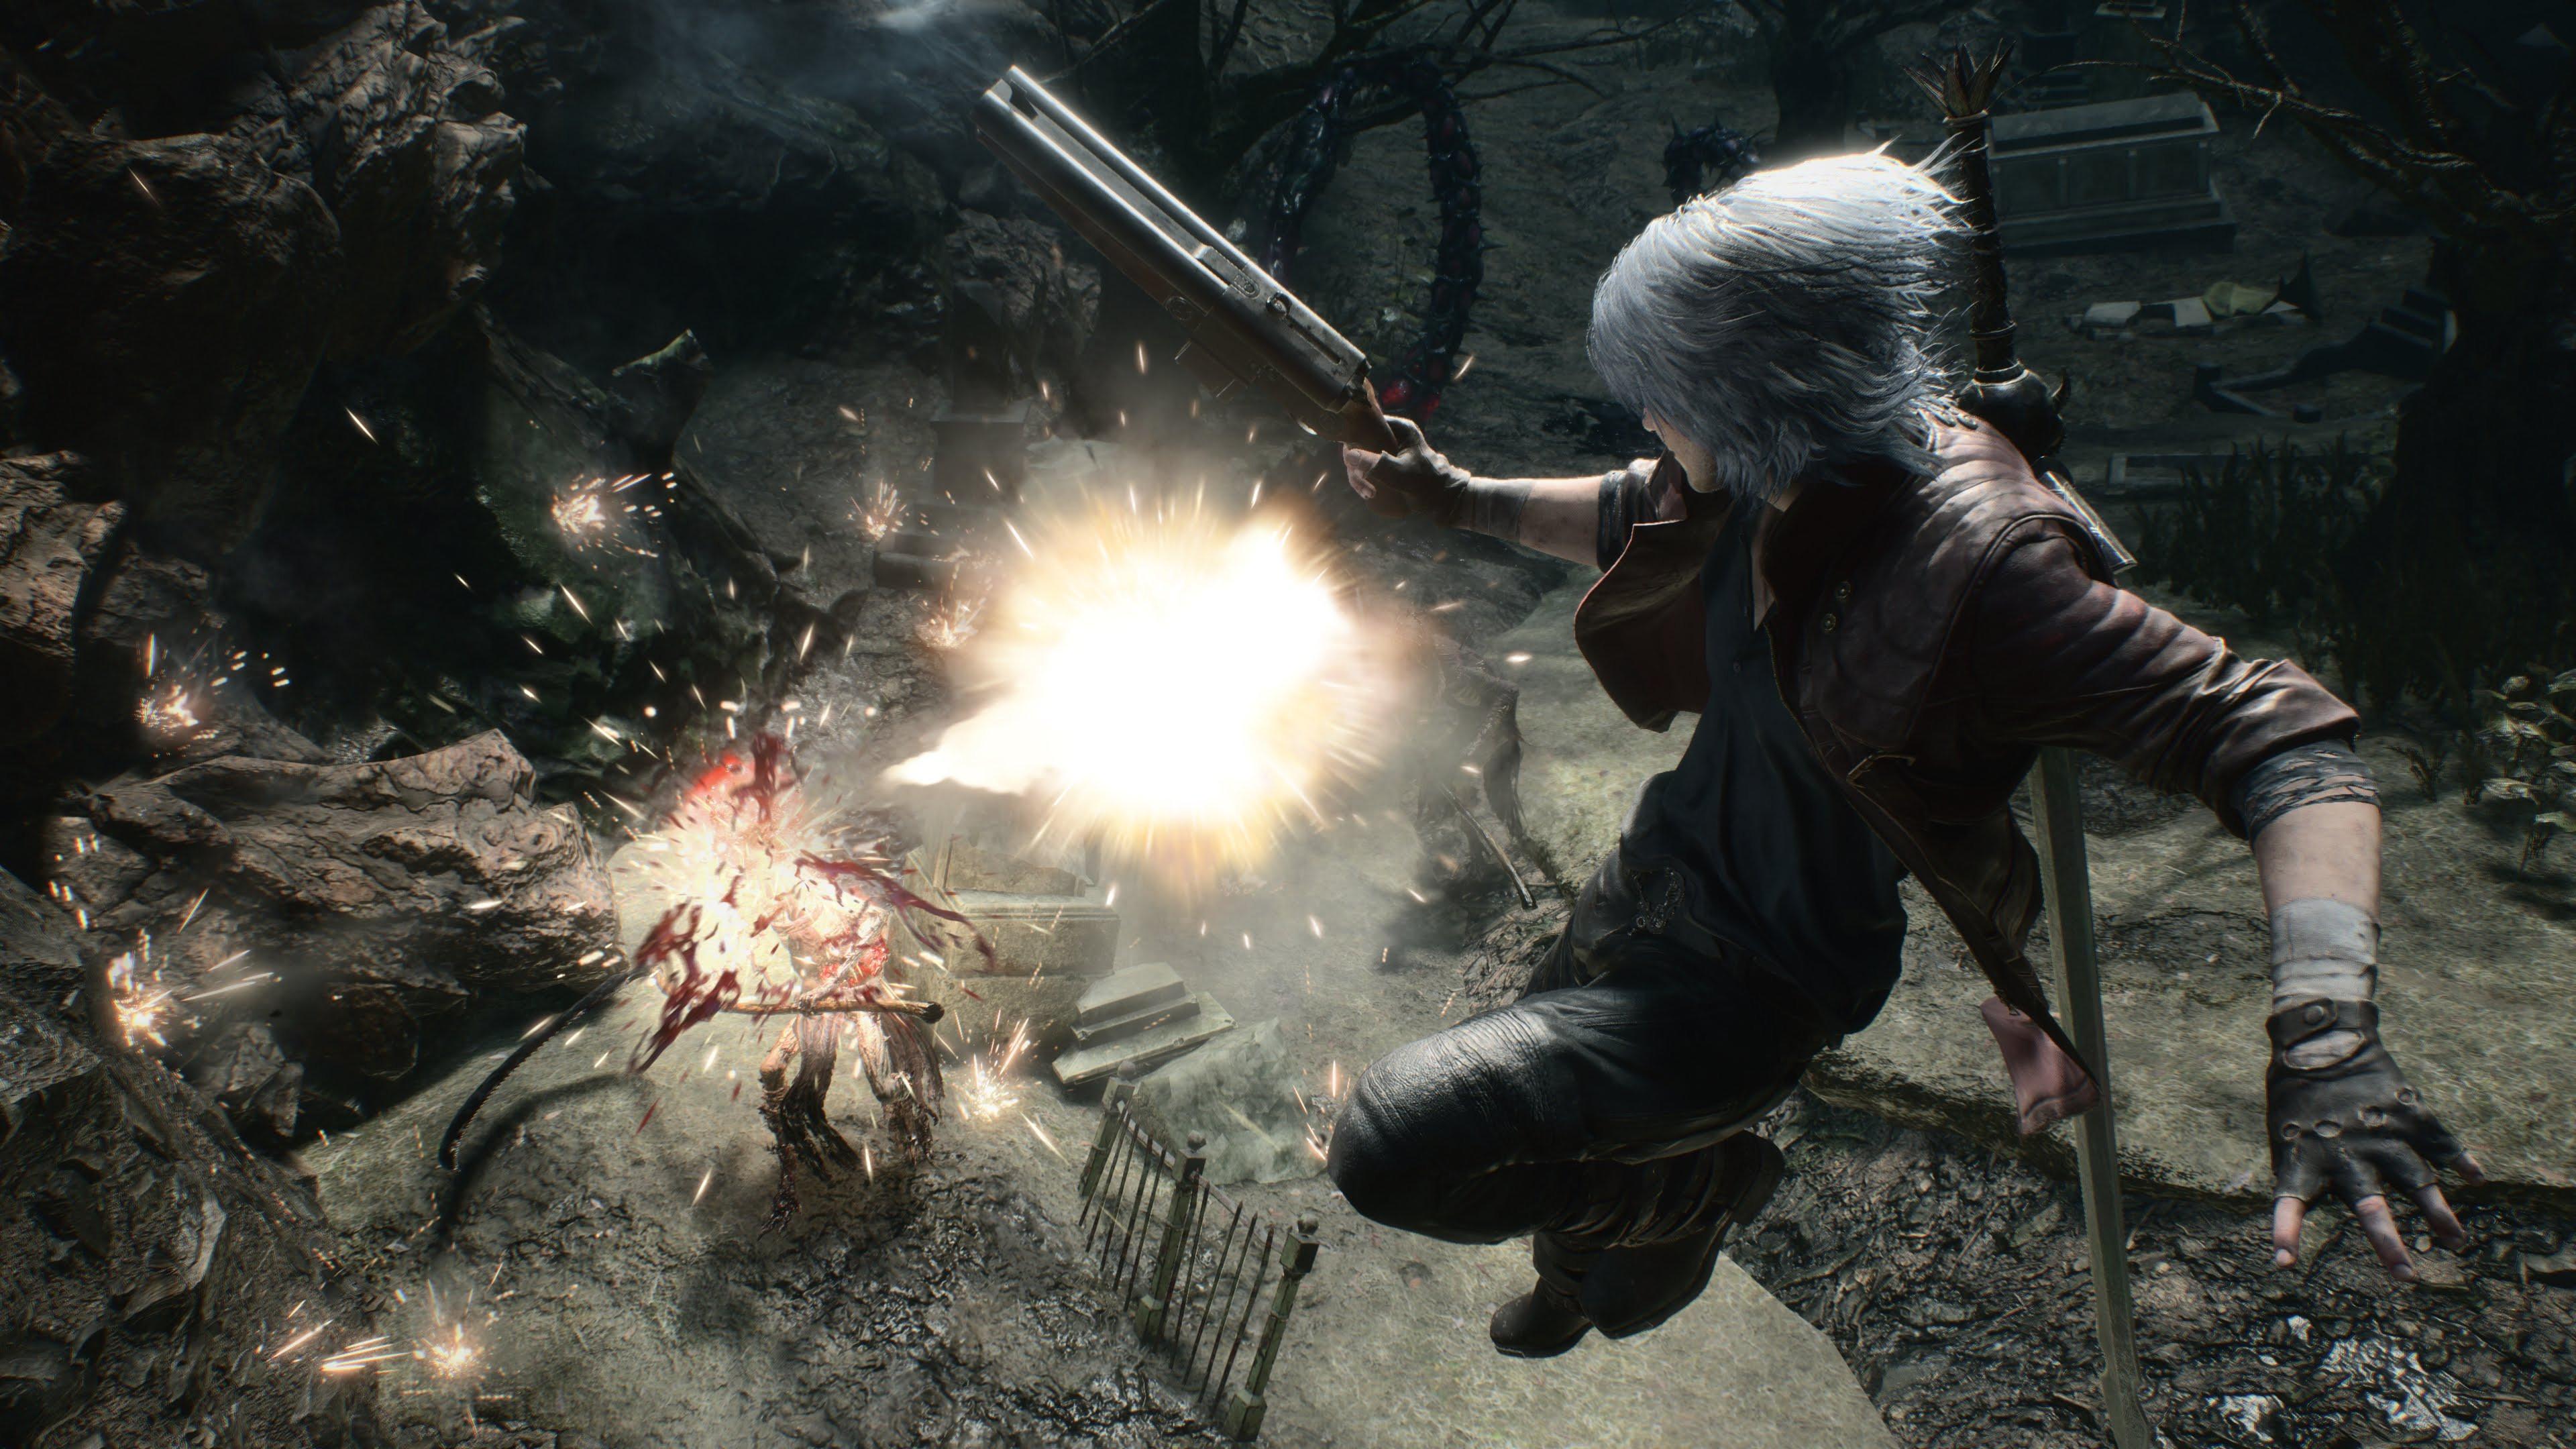 Devil May Cry 5: O caminho foi longo mas a espera valeu a pena